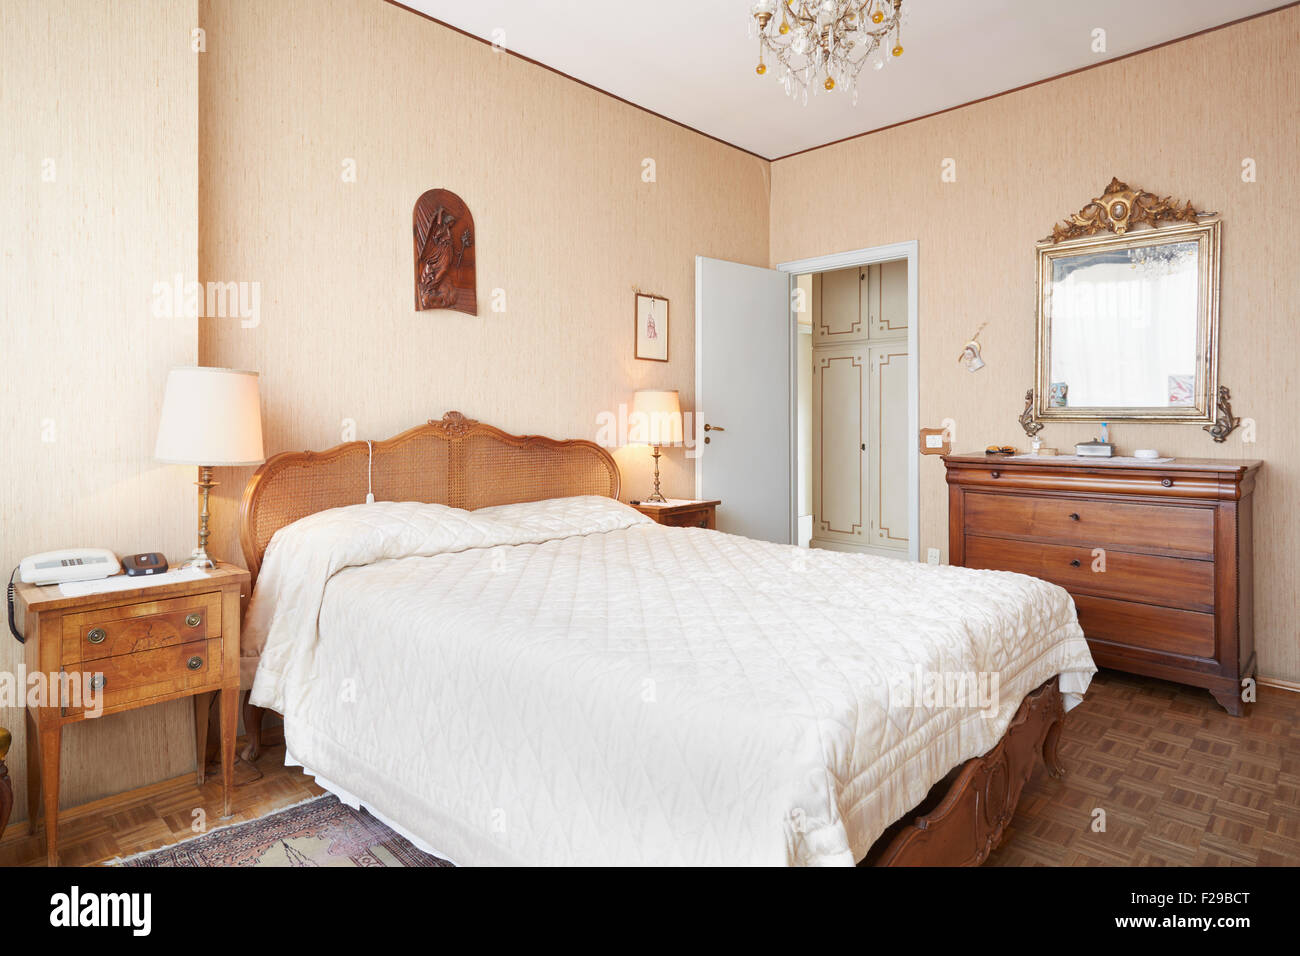 Testata Letto Con Porta Vecchia vecchia camera da letto con letto queen size nella casa